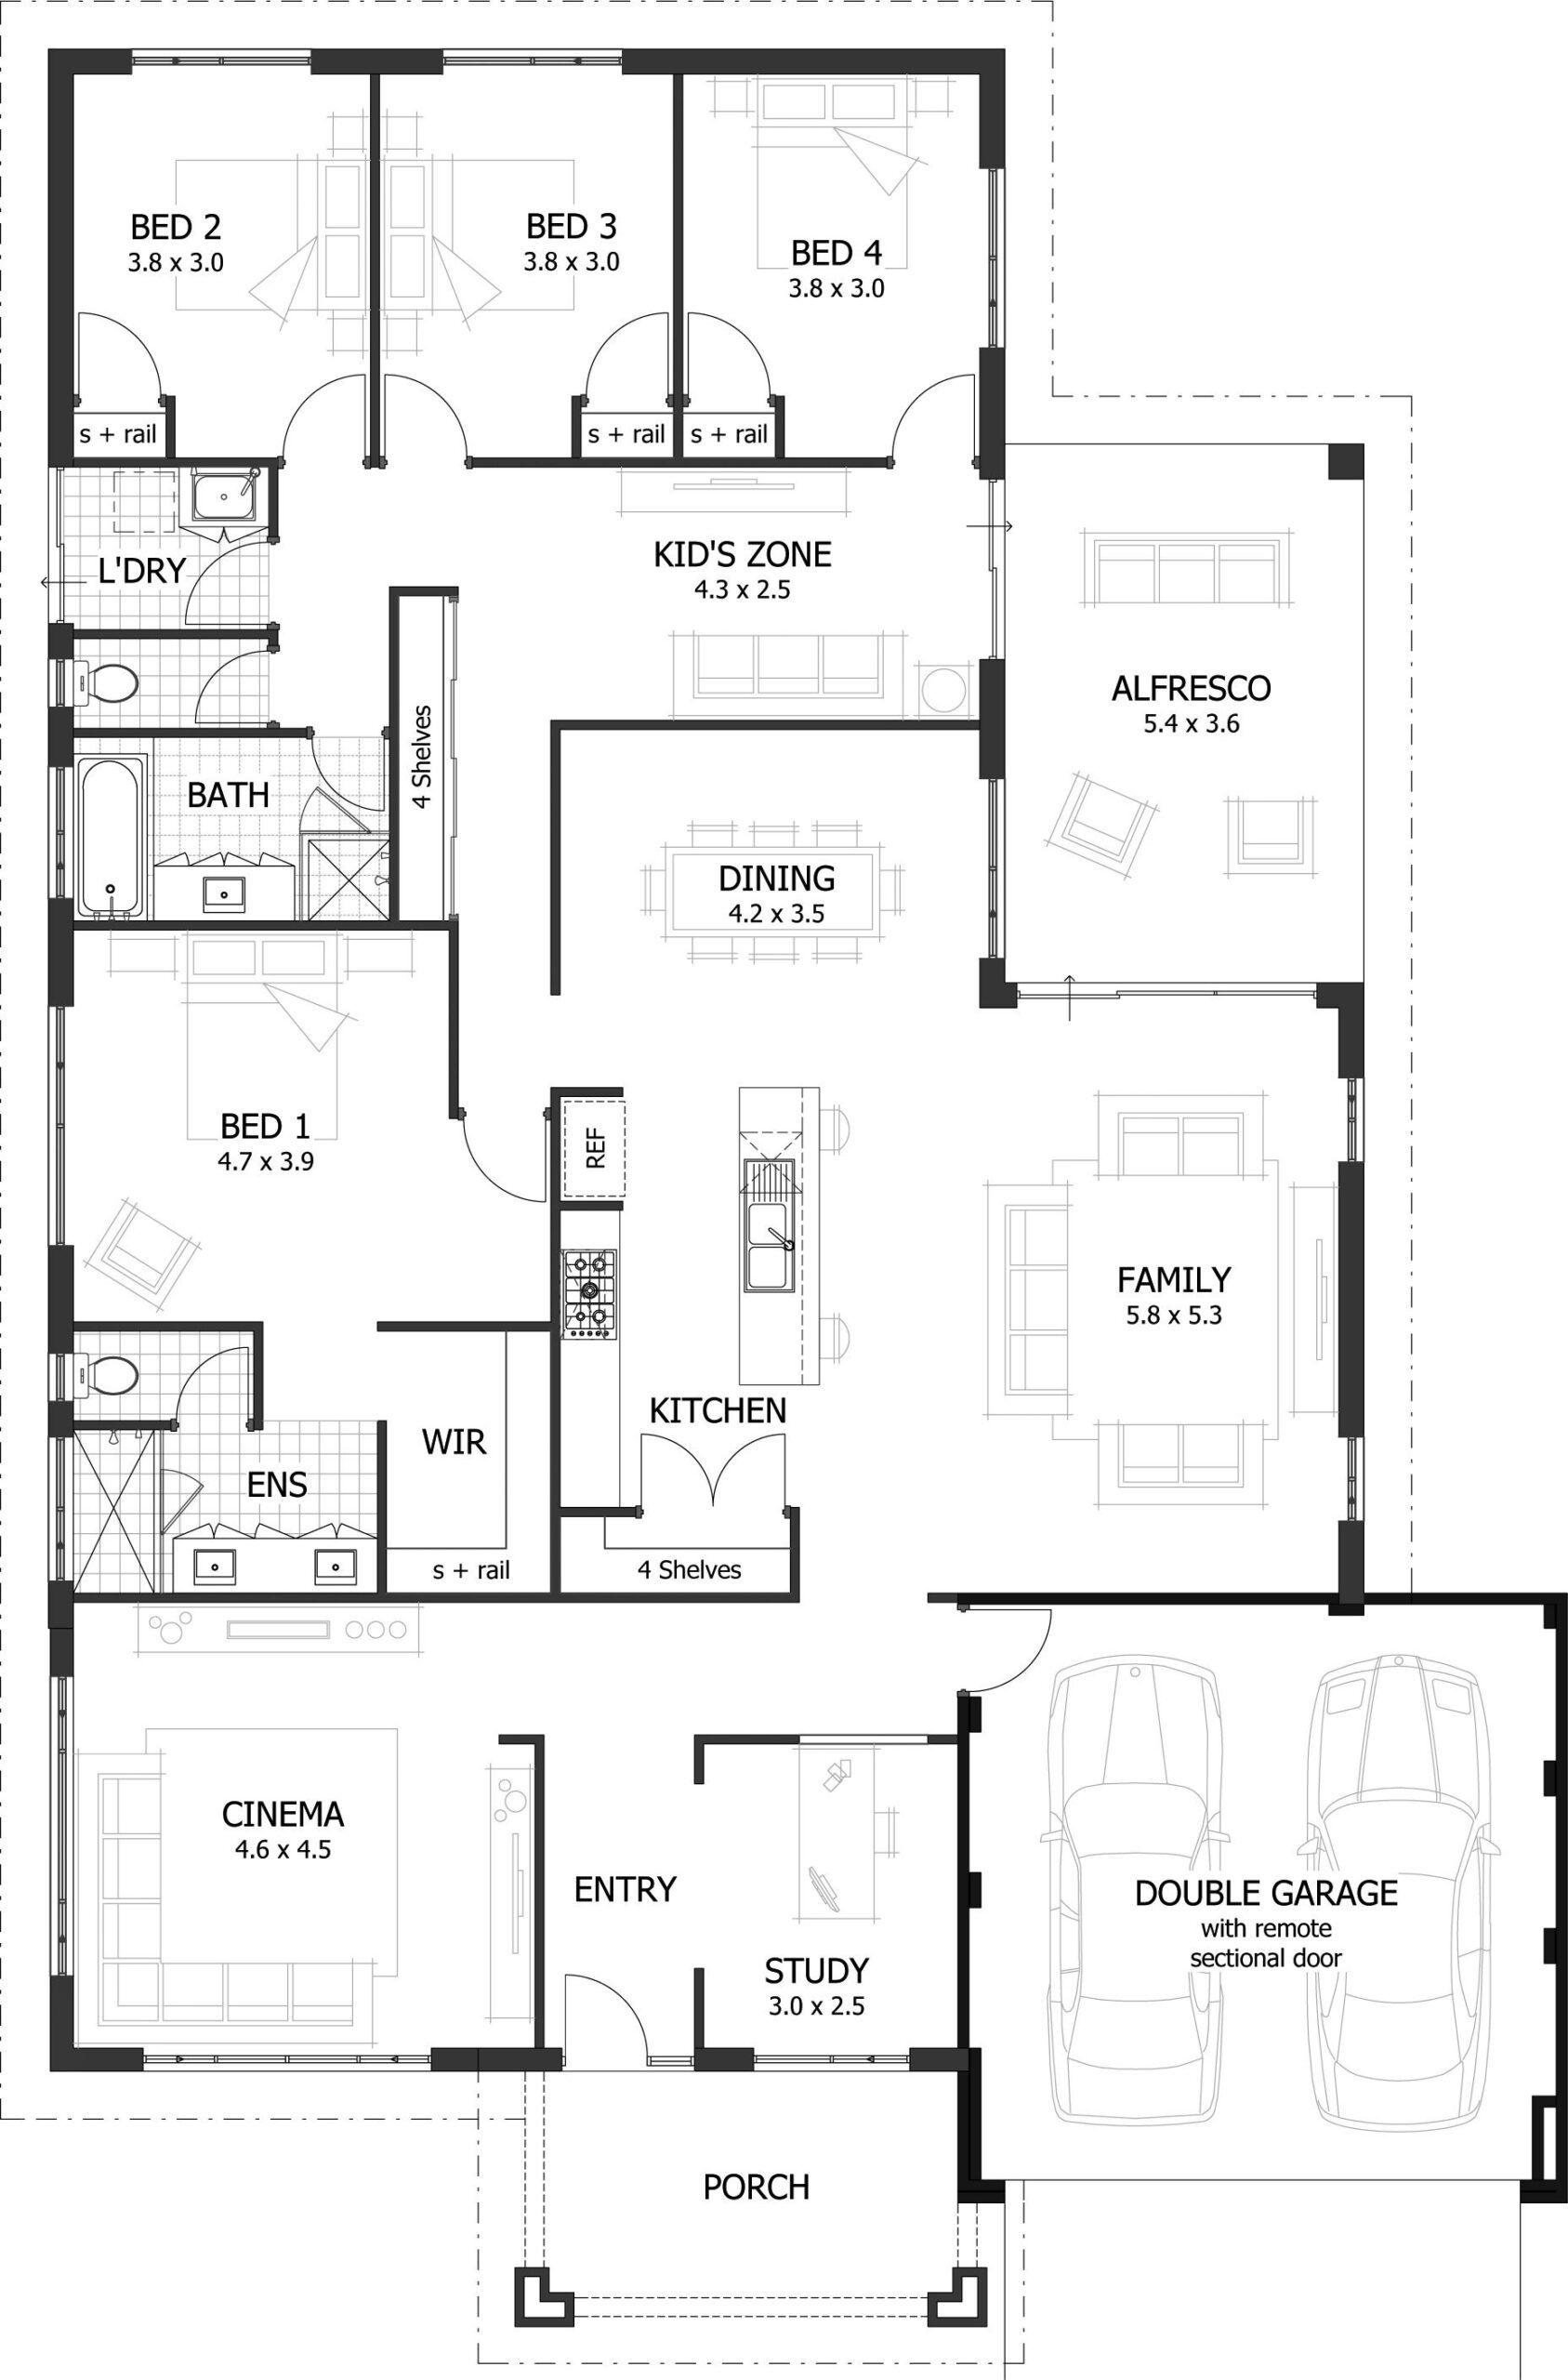 Floor Plan Of 4 Bedroom House In 2020 Four Bedroom House Plans 6 Bedroom House Plans Floor Plan 4 Bedroom